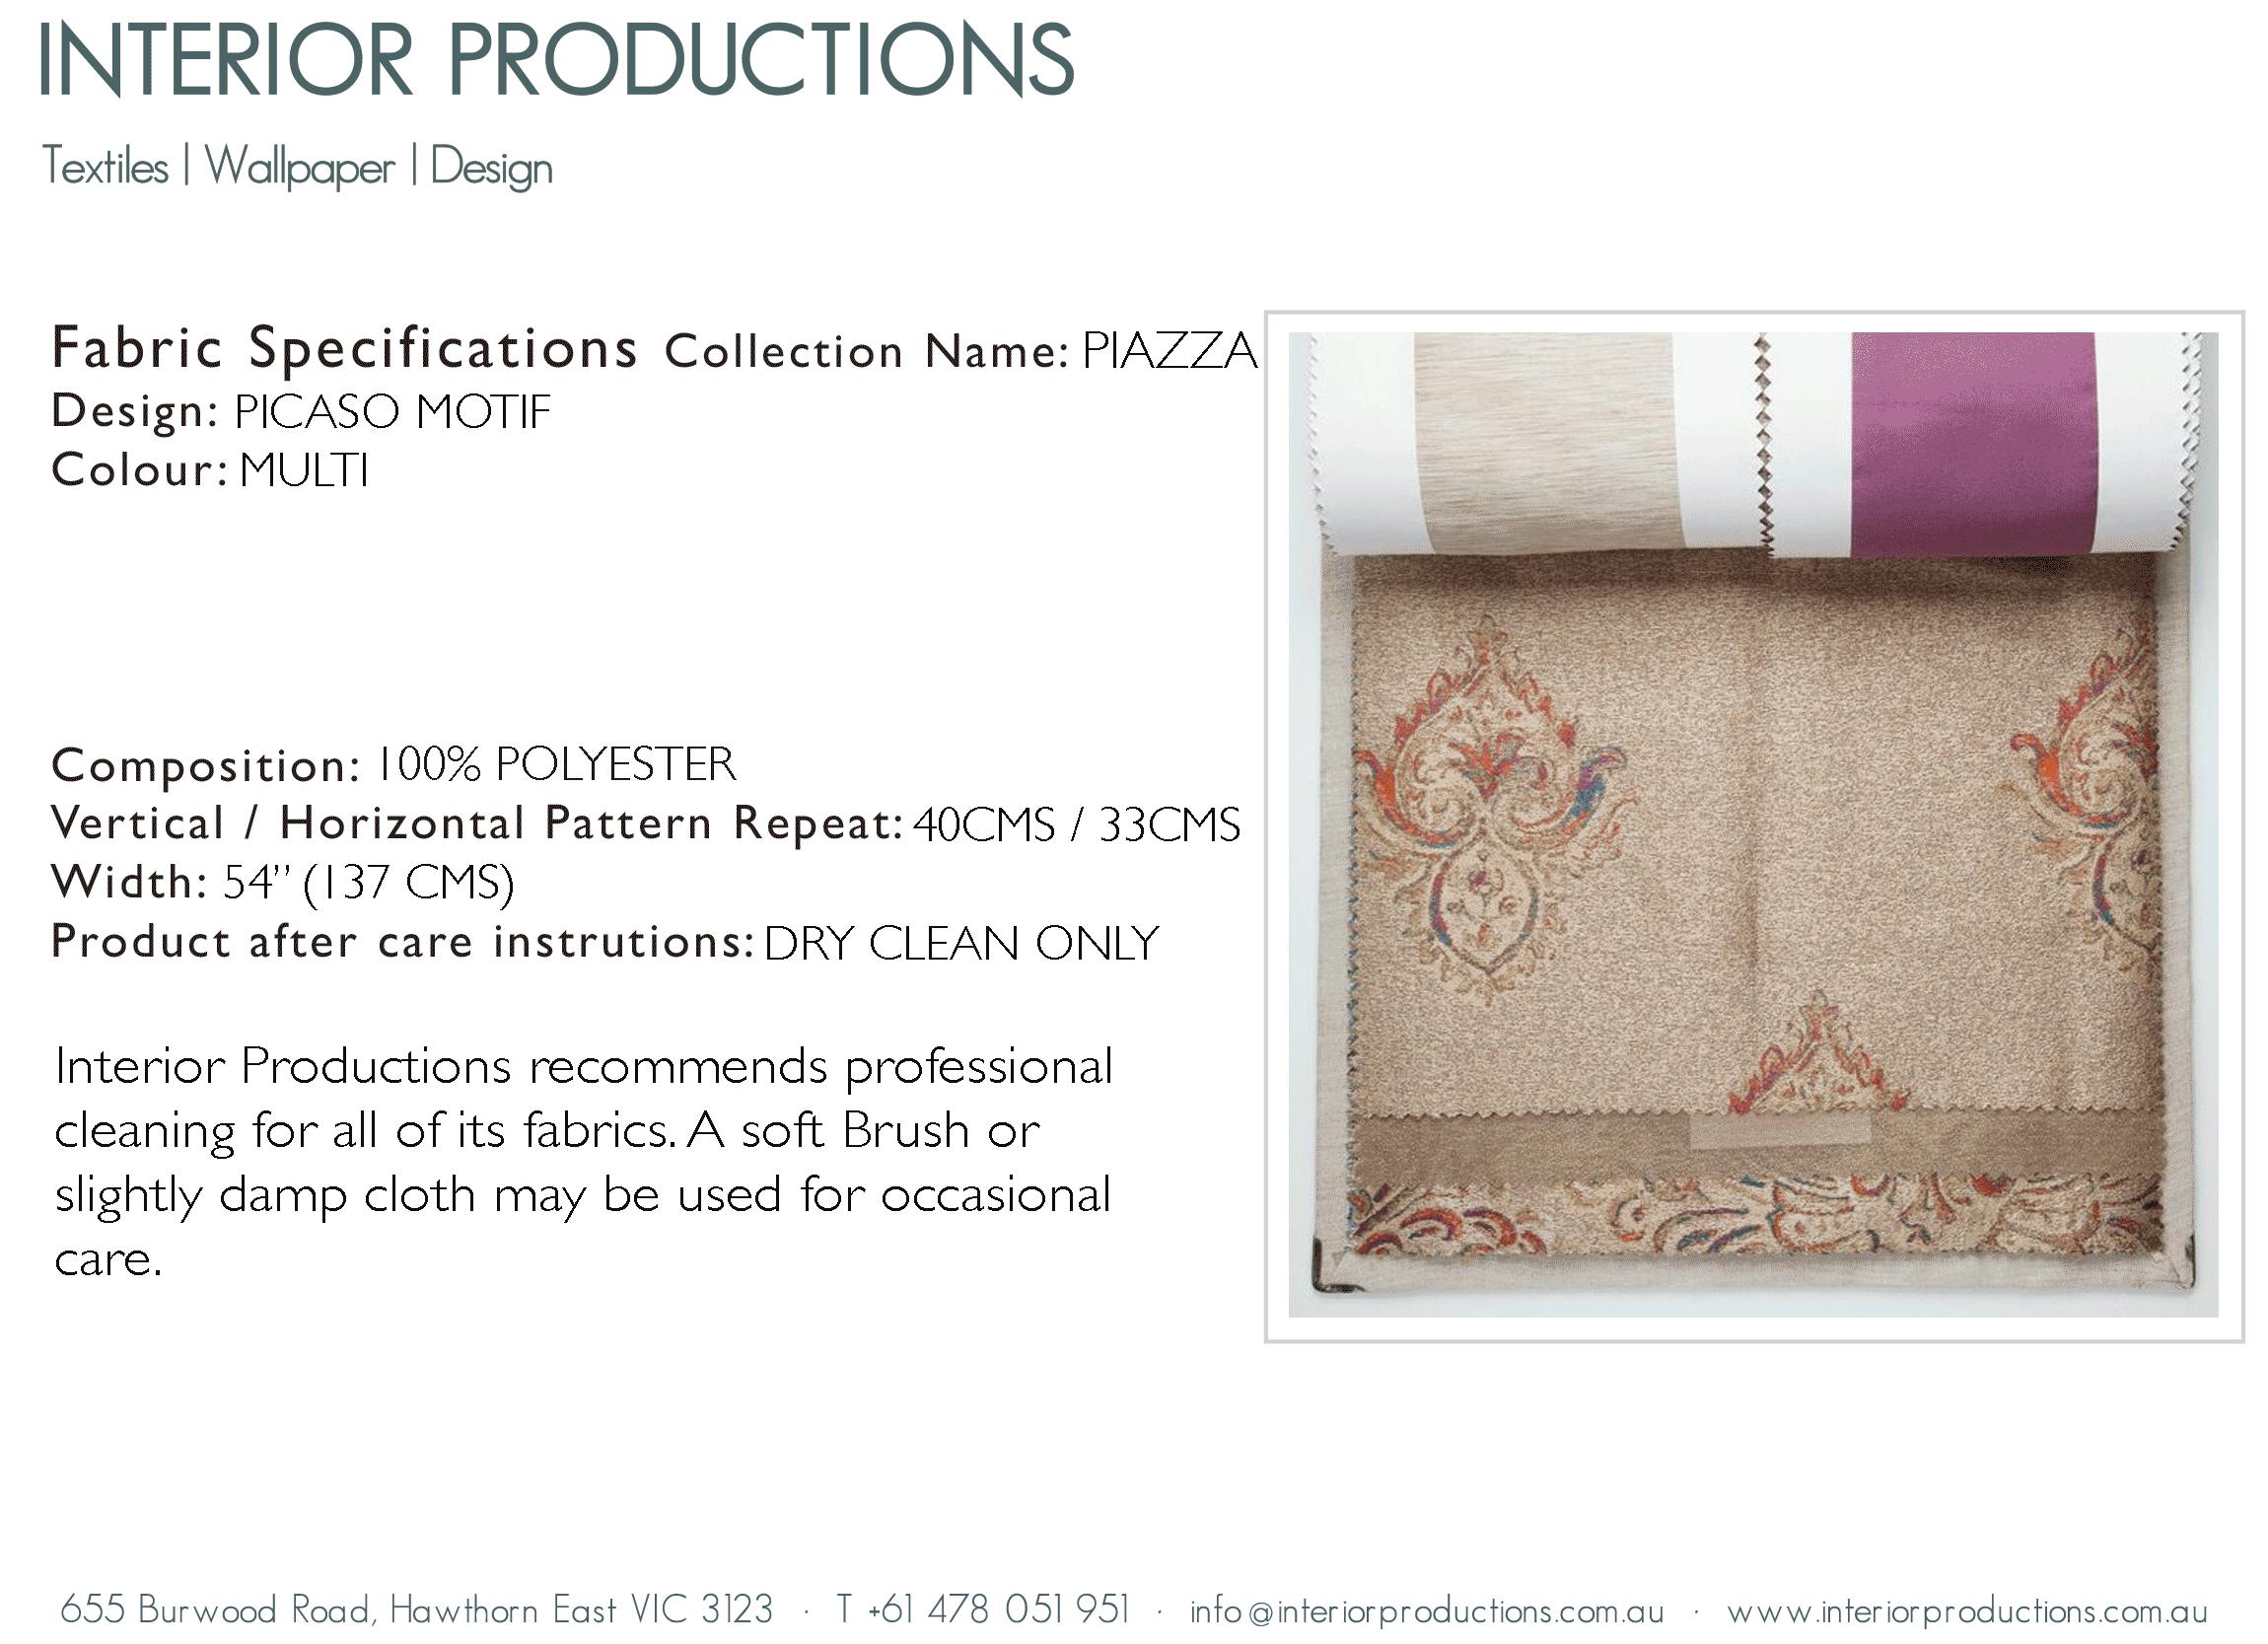 interior_productions_PICASO-MOTIF---MULTI